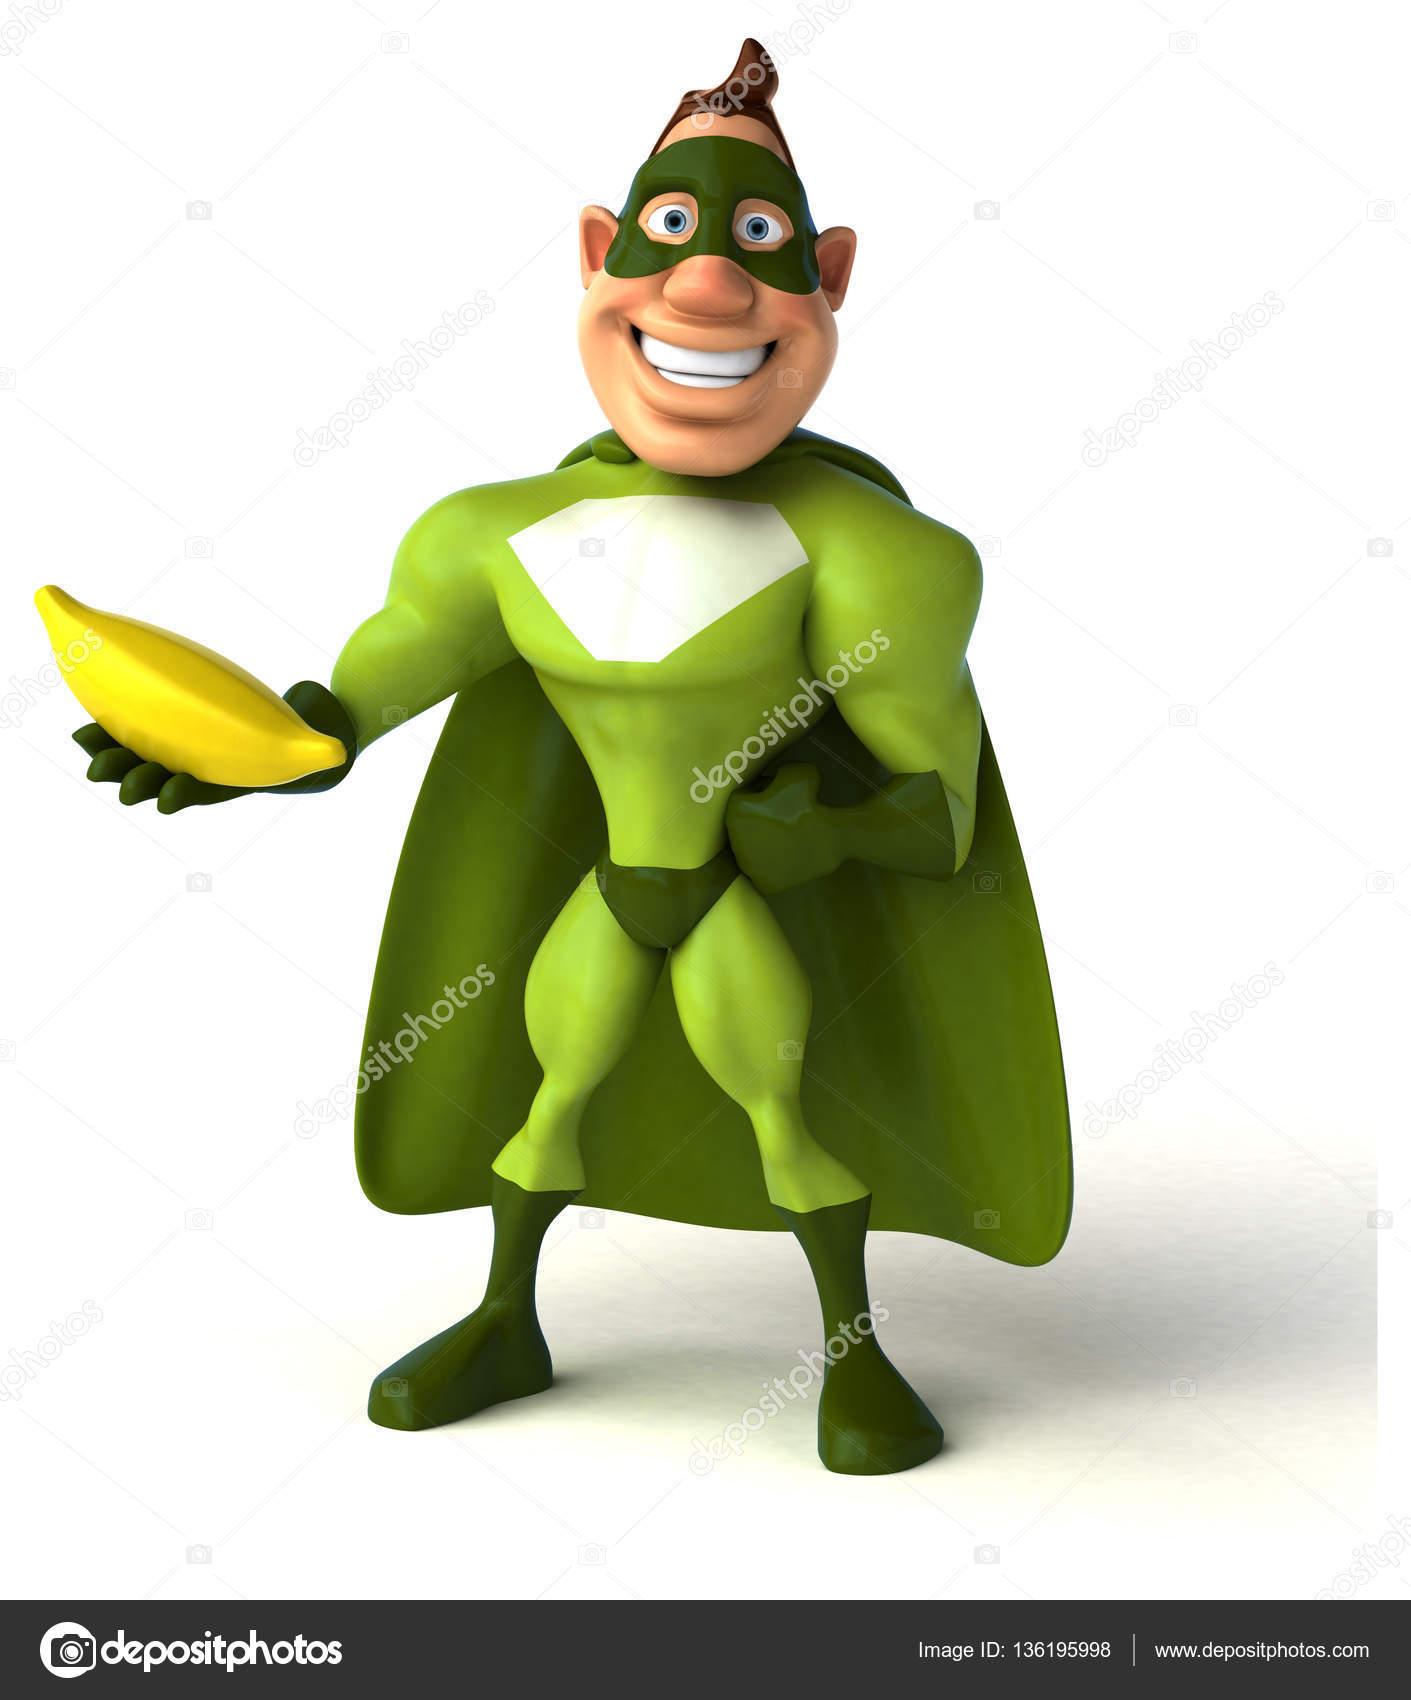 Banana clipart superhero Photo — — #136195998 julos